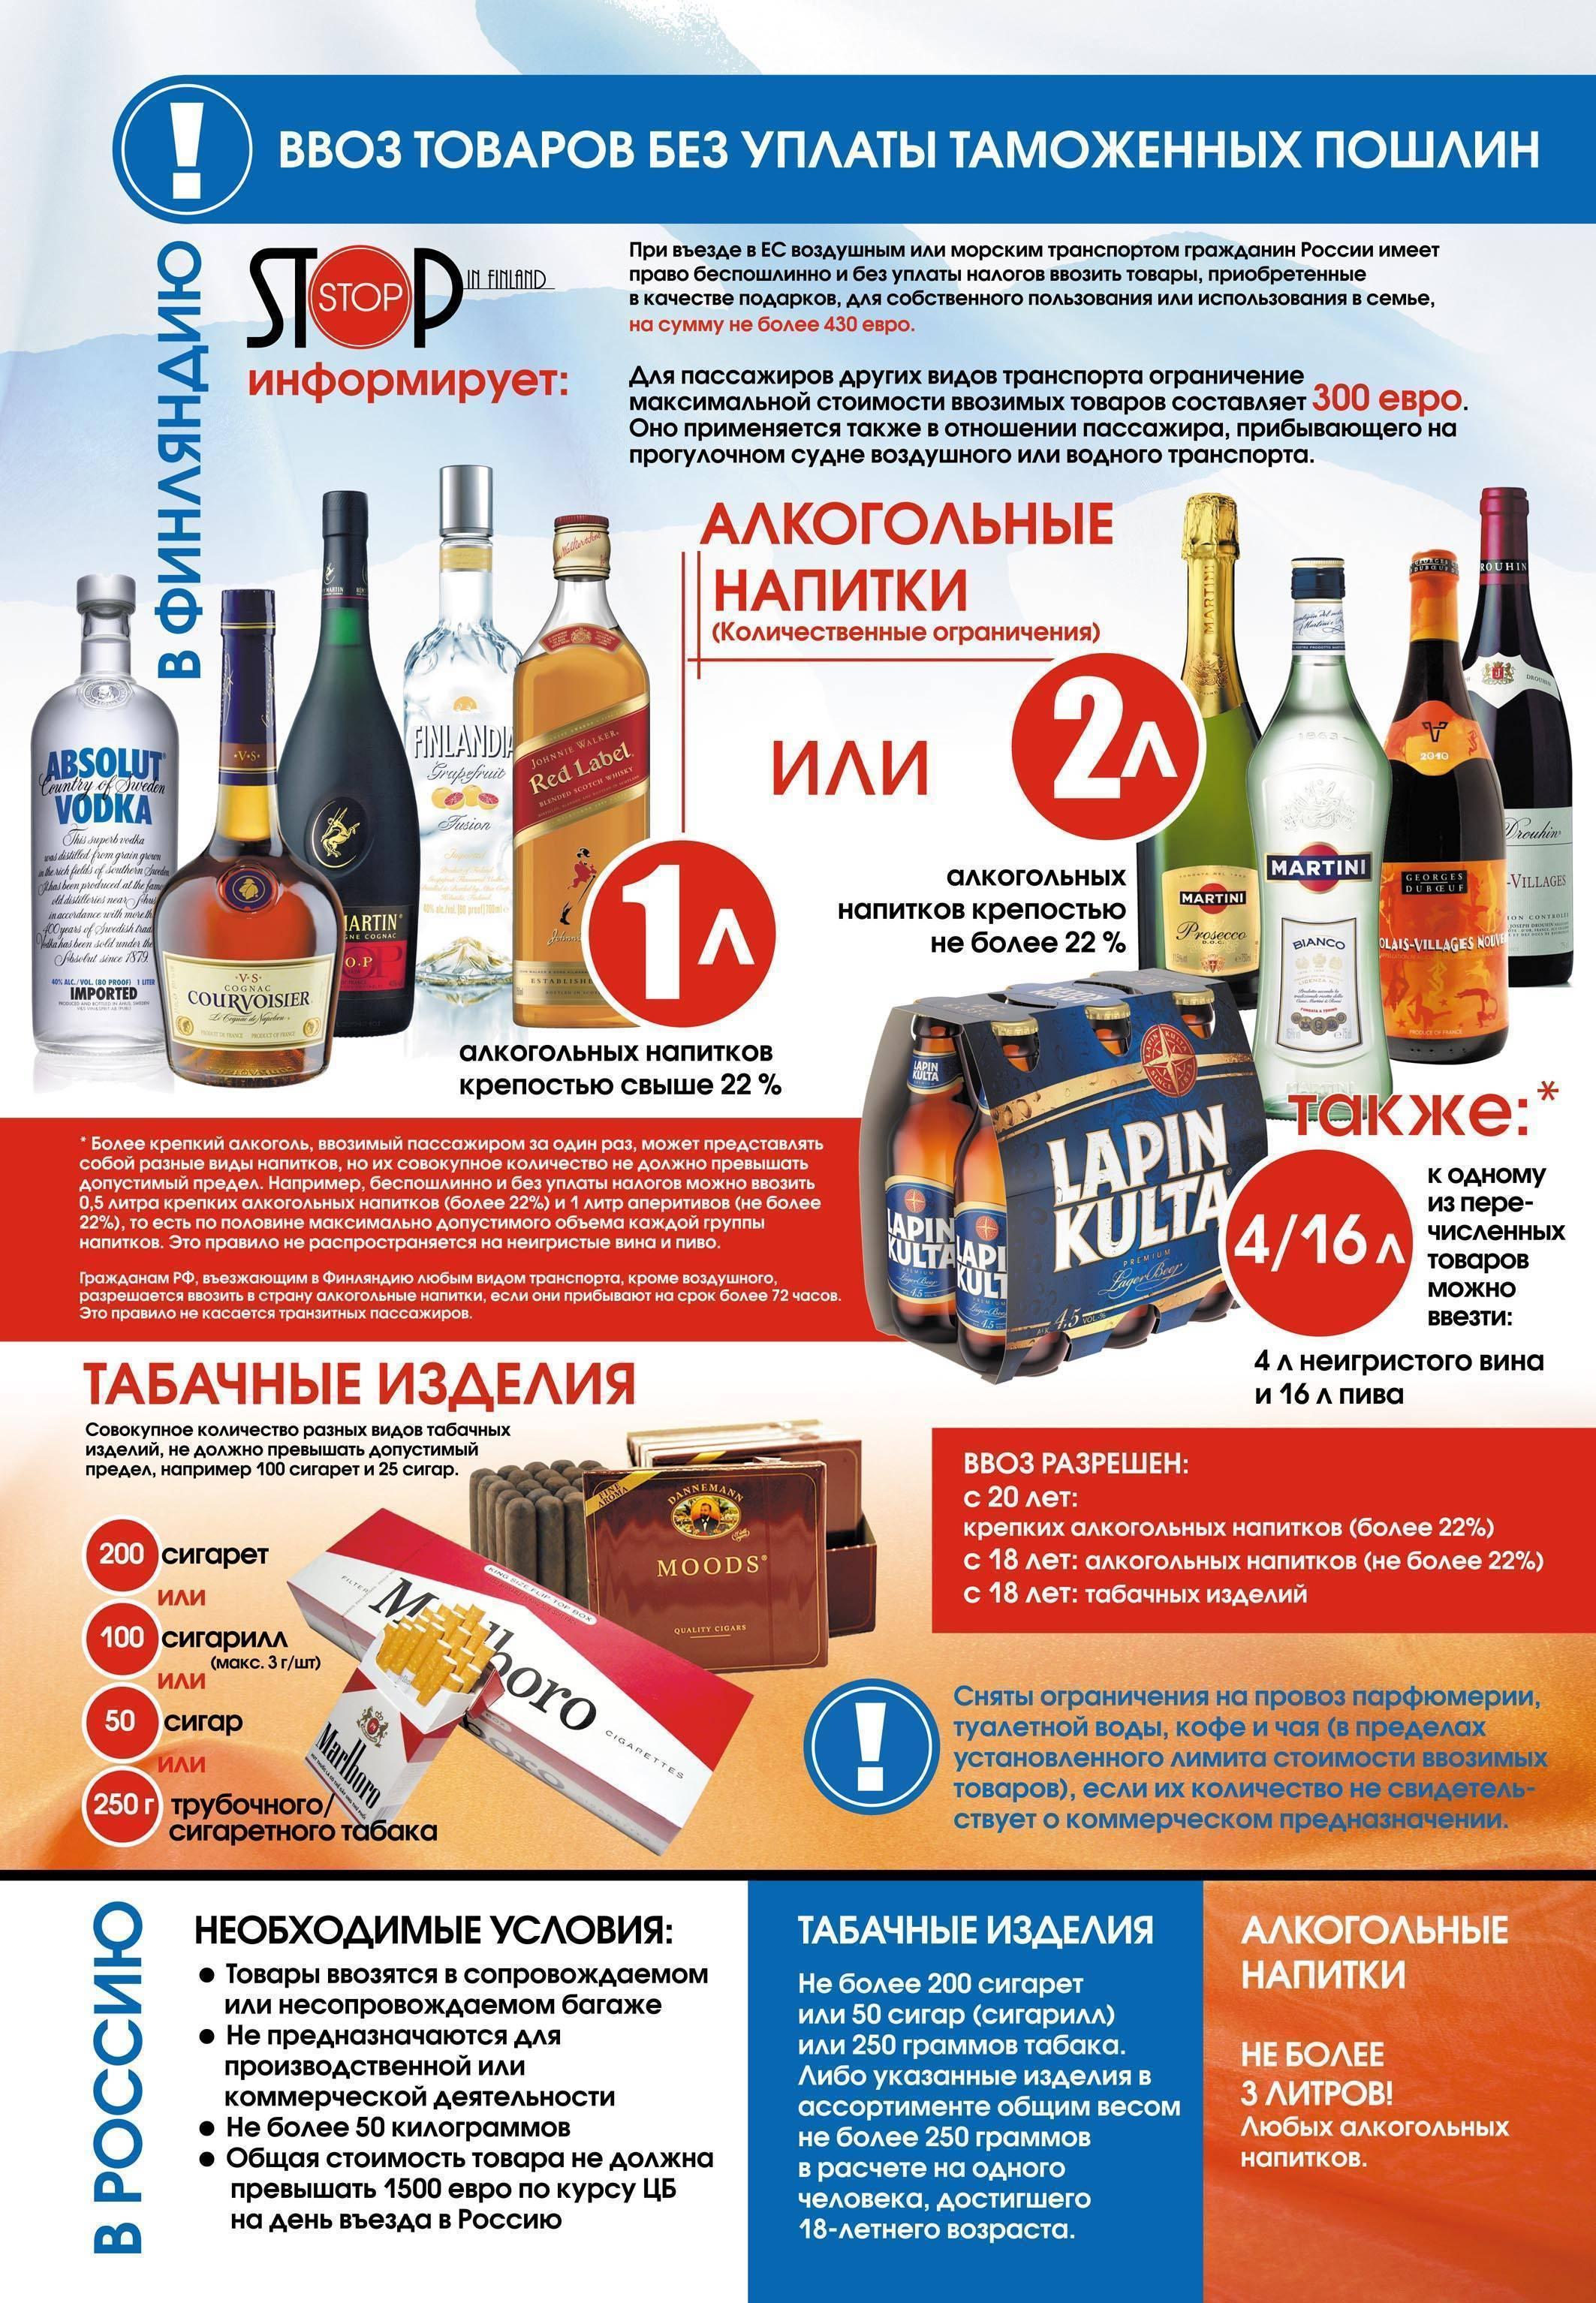 Сколько спиртного можно ввозить в россию в 2019 году